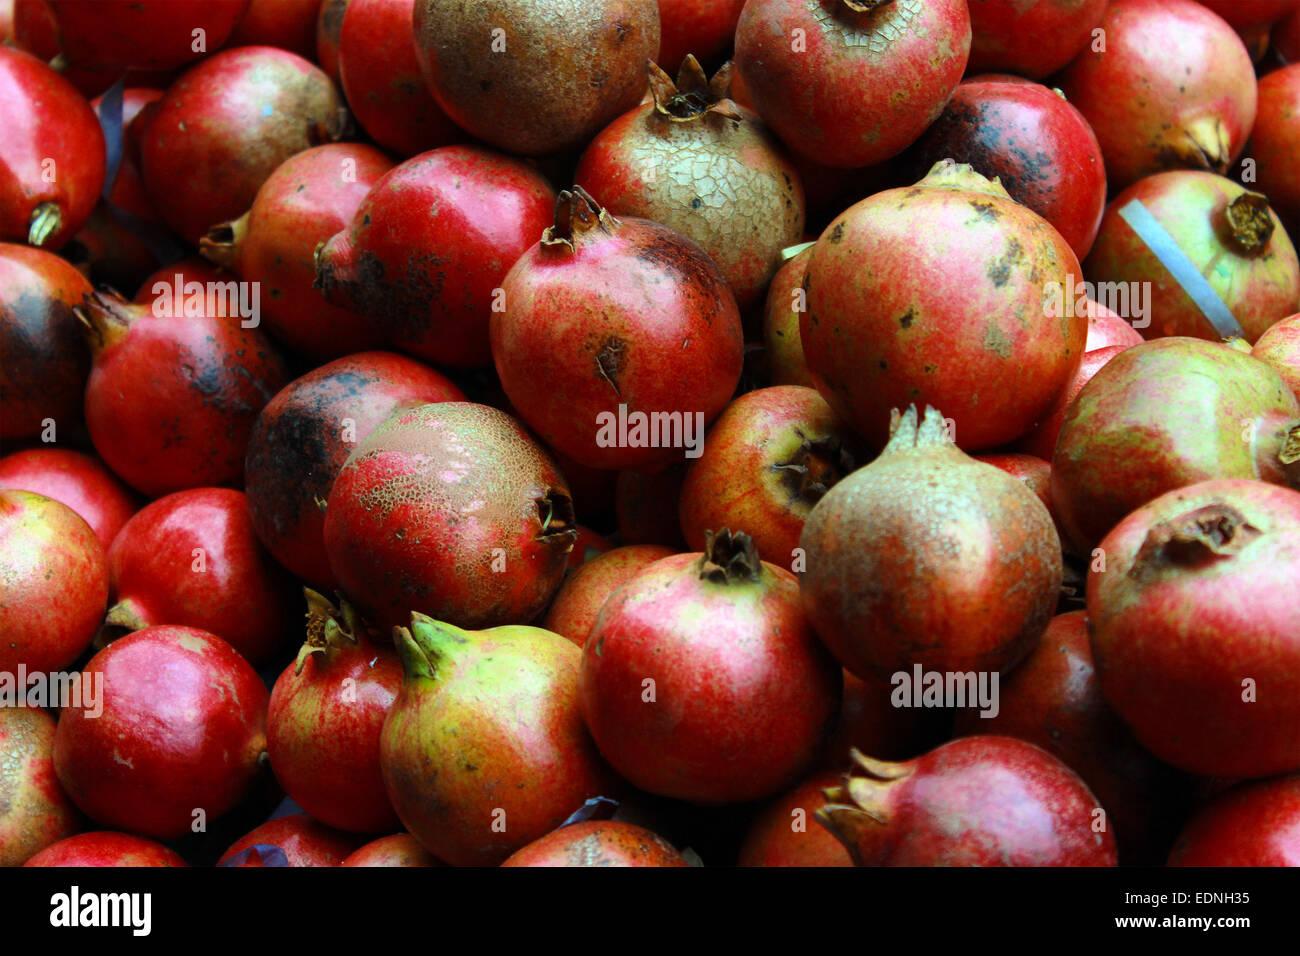 Anar, anardana, antiossidante, antiossidanti, concentrare crimson, denso, dieta, mangiare, commestibili, alimentari, Immagini Stock